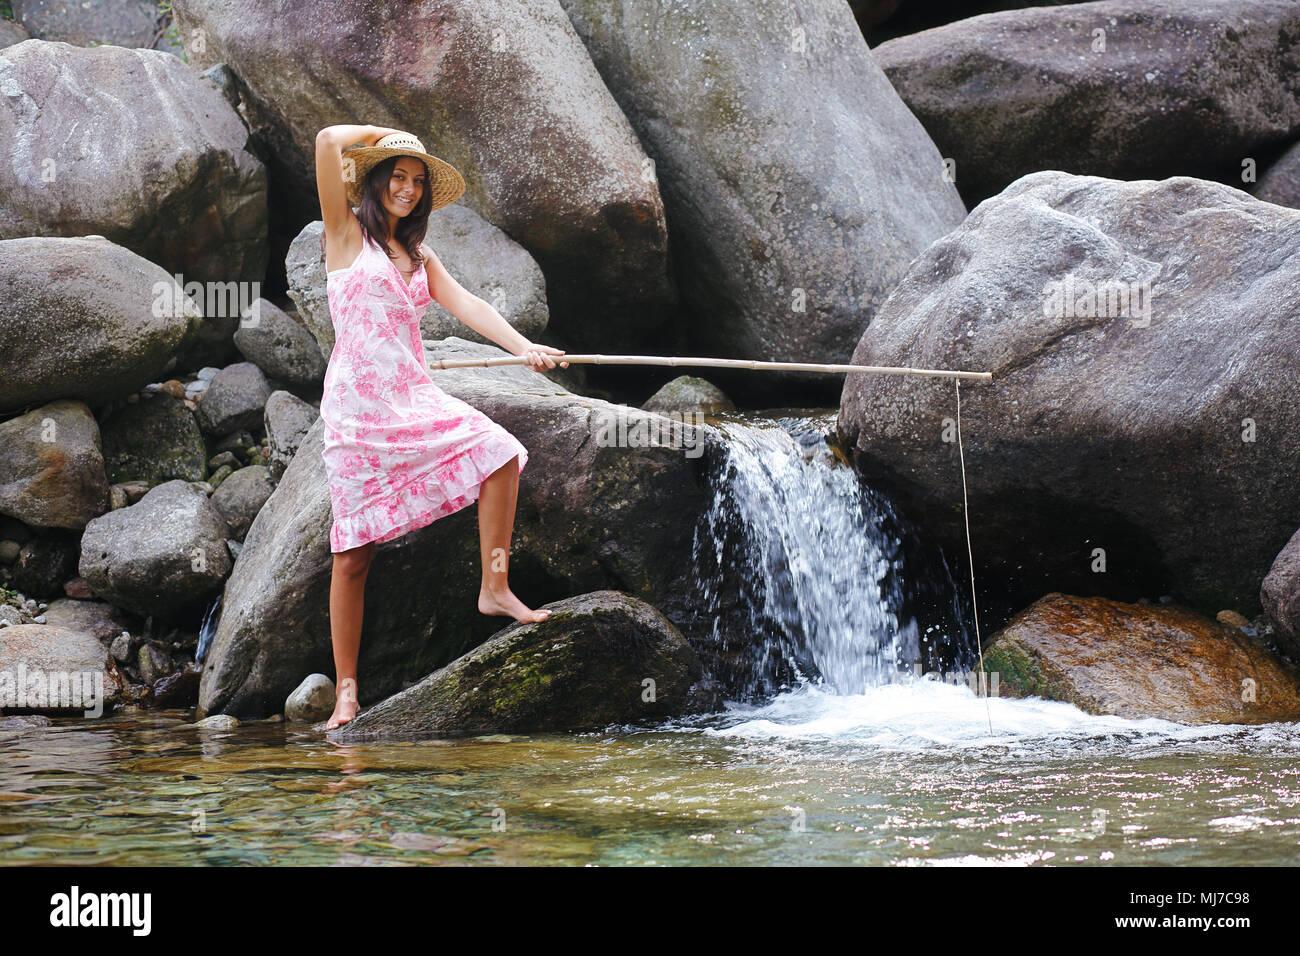 Country Girl Angeln in einem Berg River. Spaß und Entspannung Stockfoto